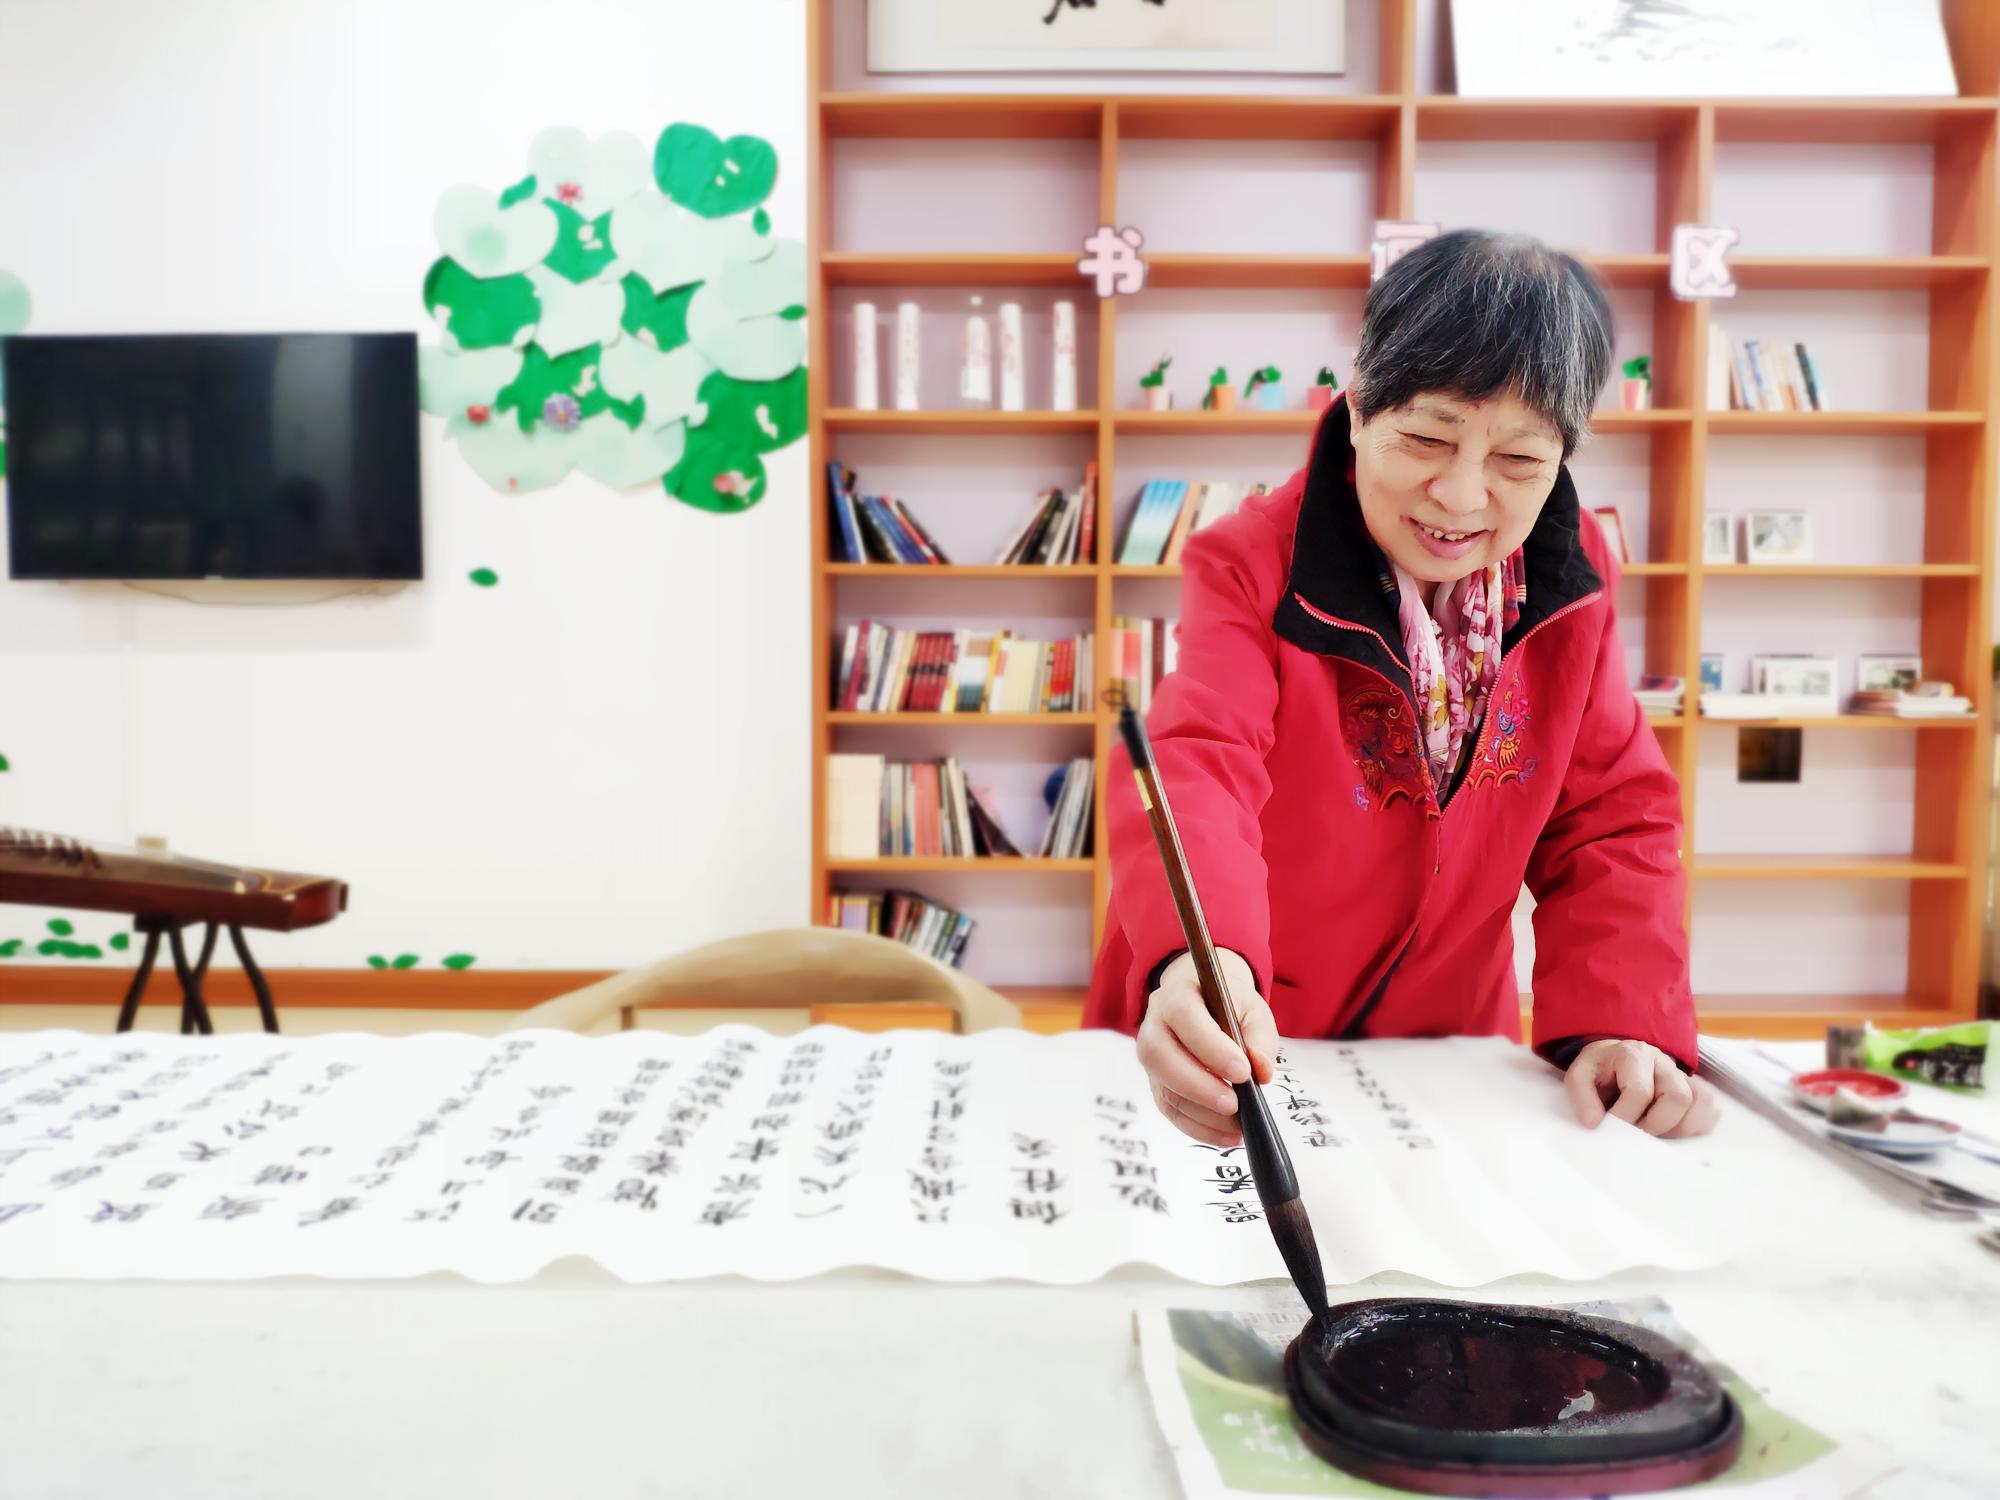 83岁梁彩婵奶奶,爱好:喜欢写毛笔字,画画;作者:兰艳